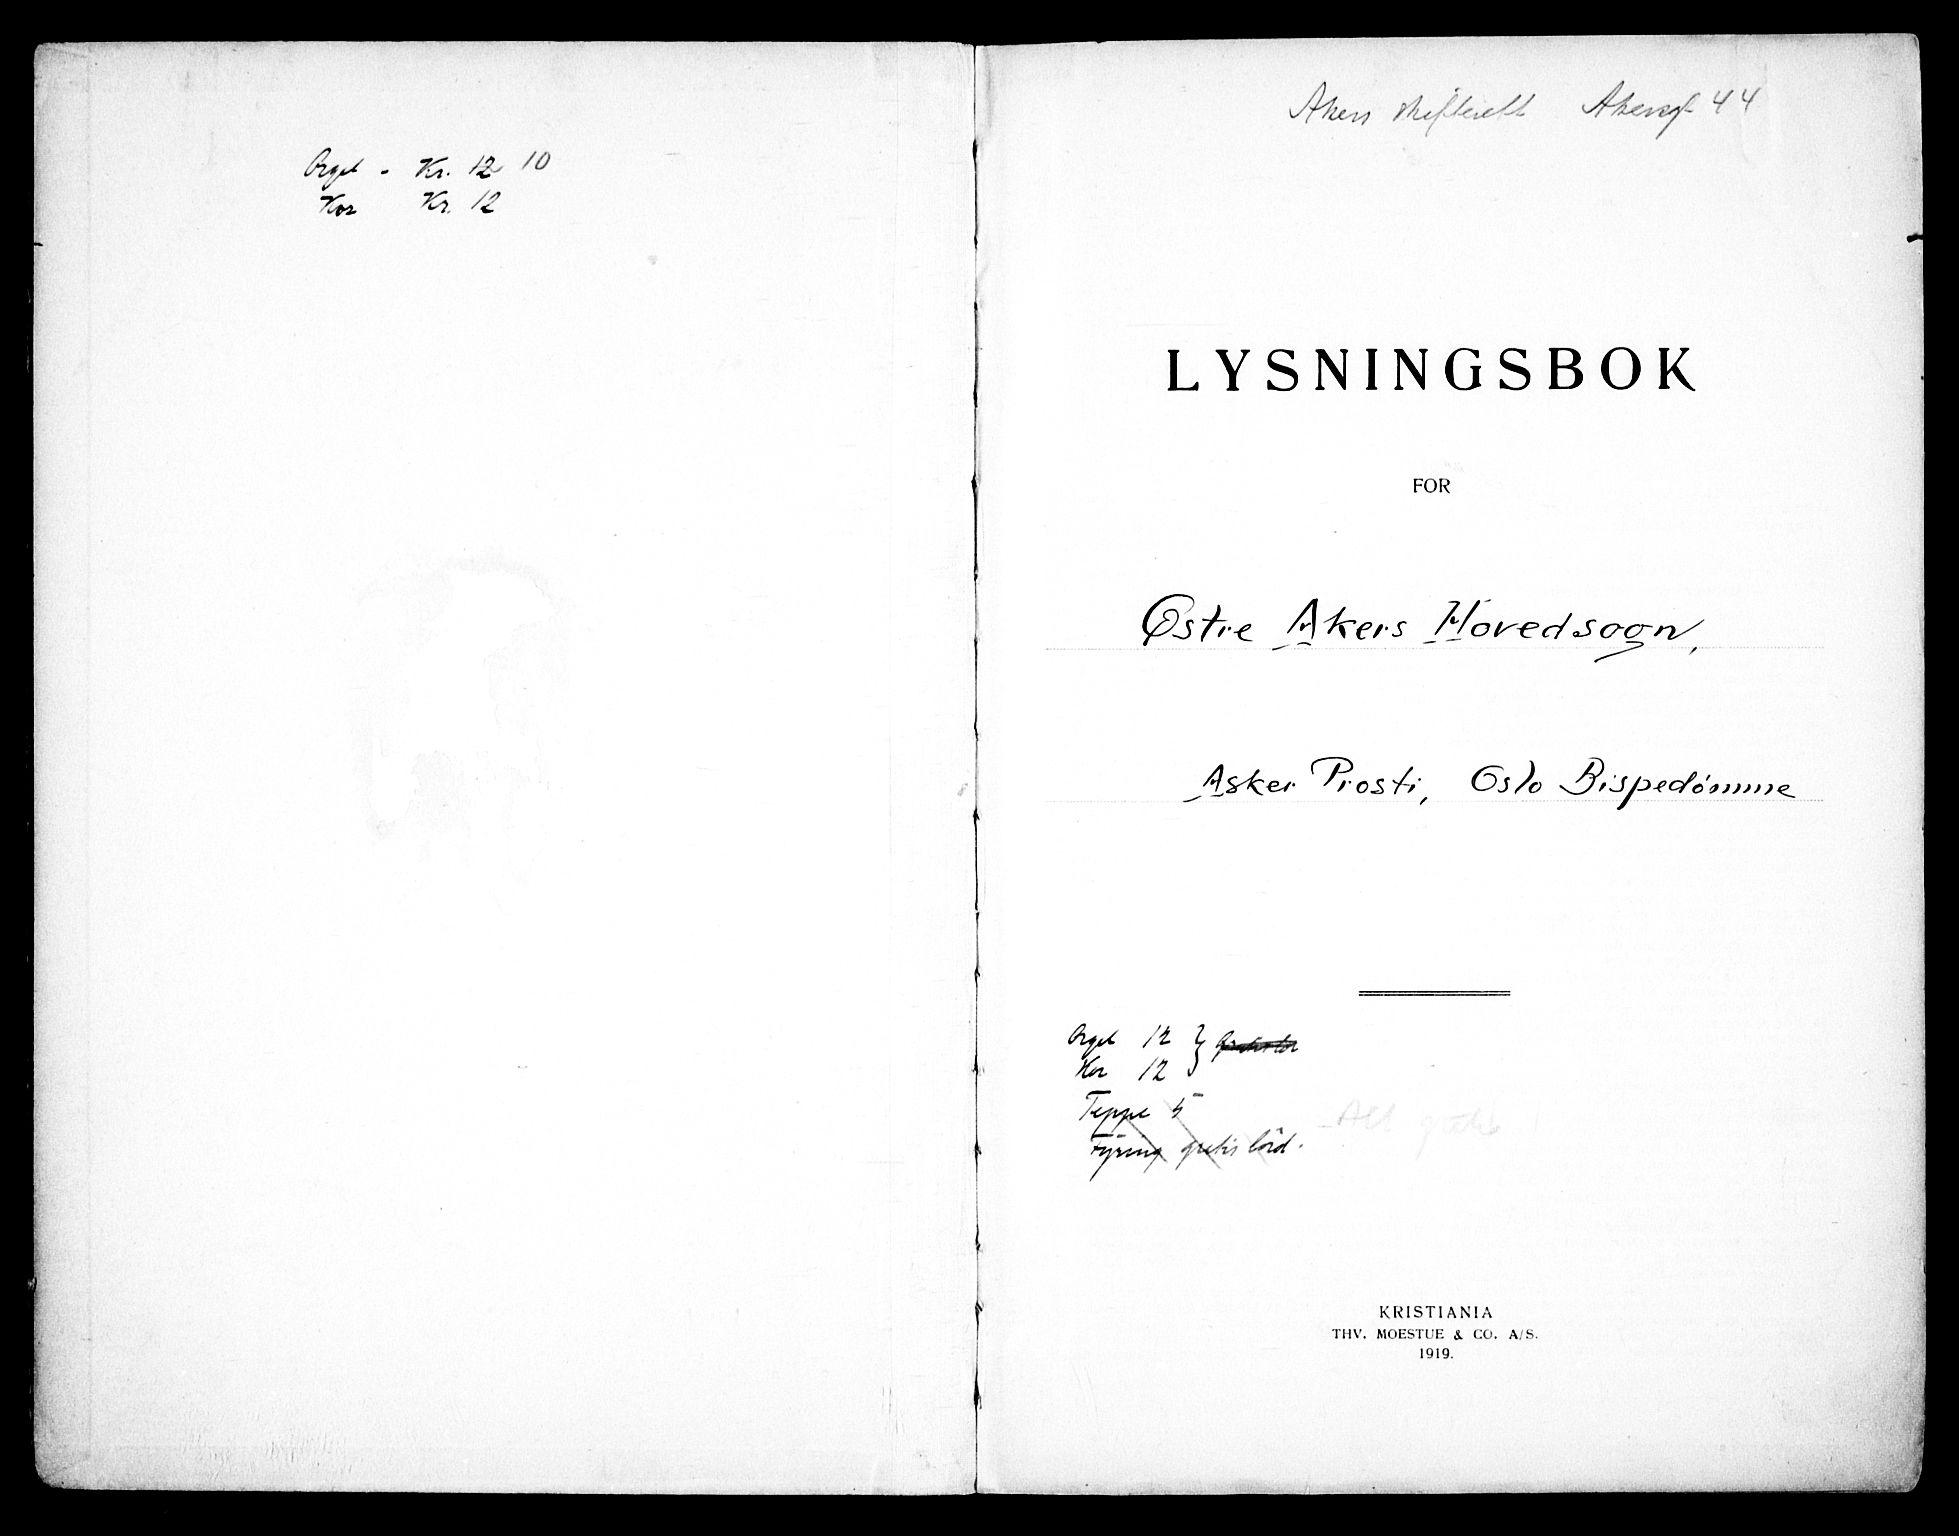 SAO, Østre Aker prestekontor Kirkebøker, H/Ha/L0008: Lysningsprotokoll nr. I 8, 1933-1939